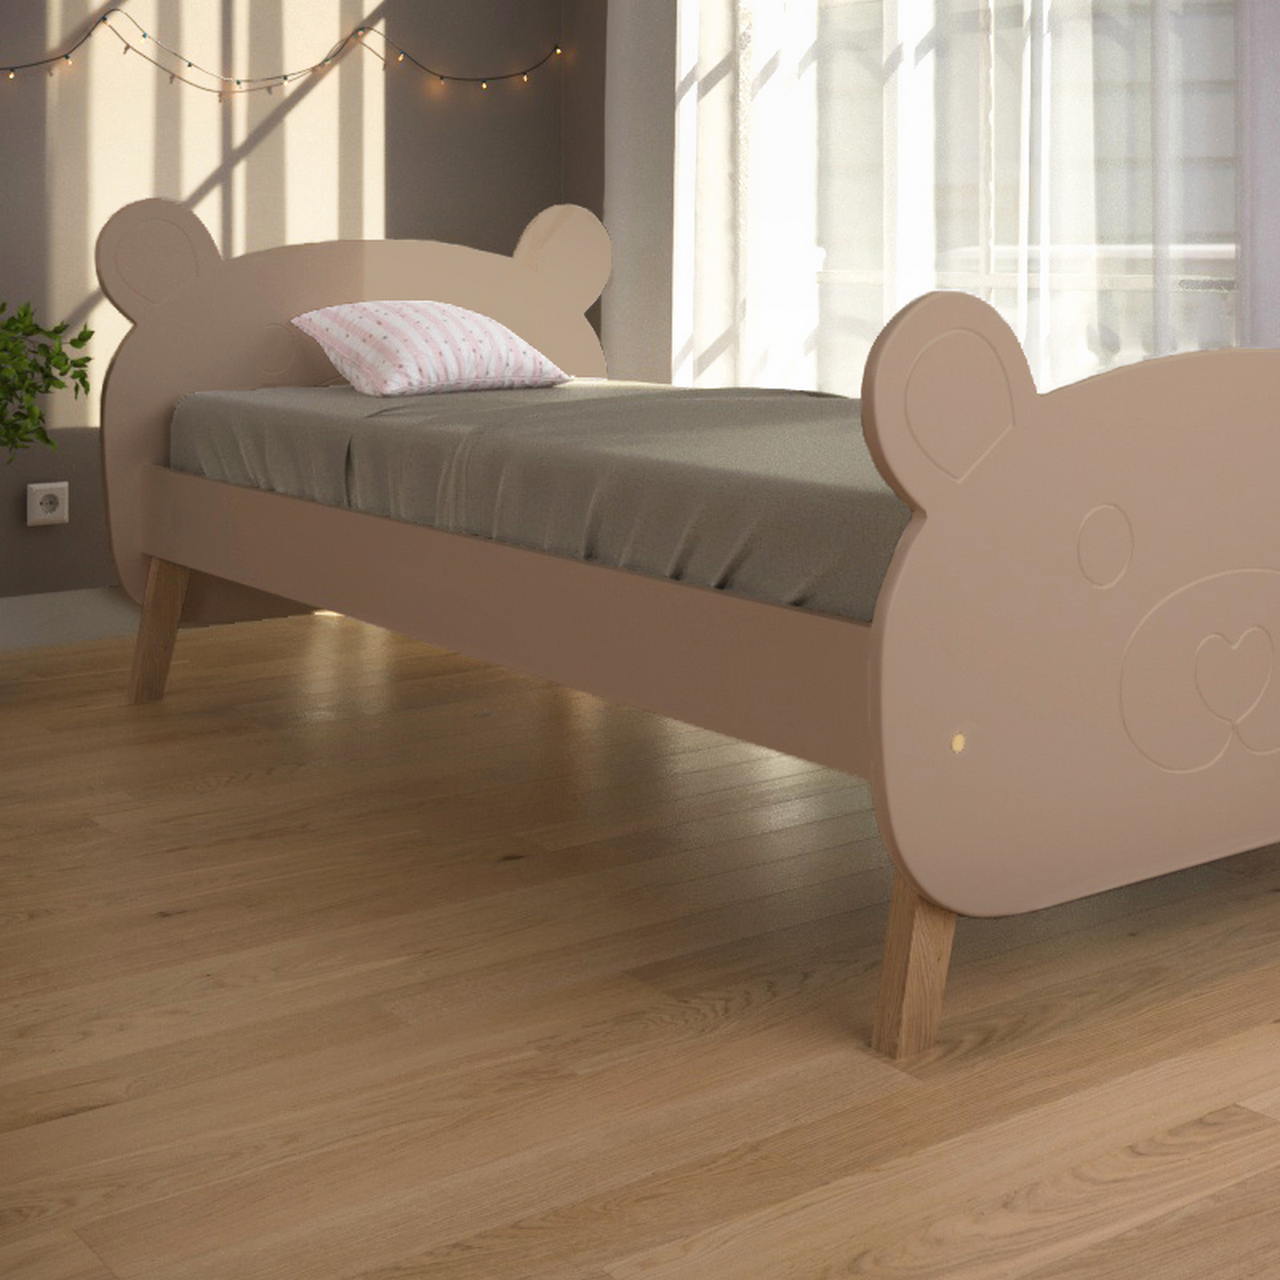 Кровать детская Фреди / Fredy